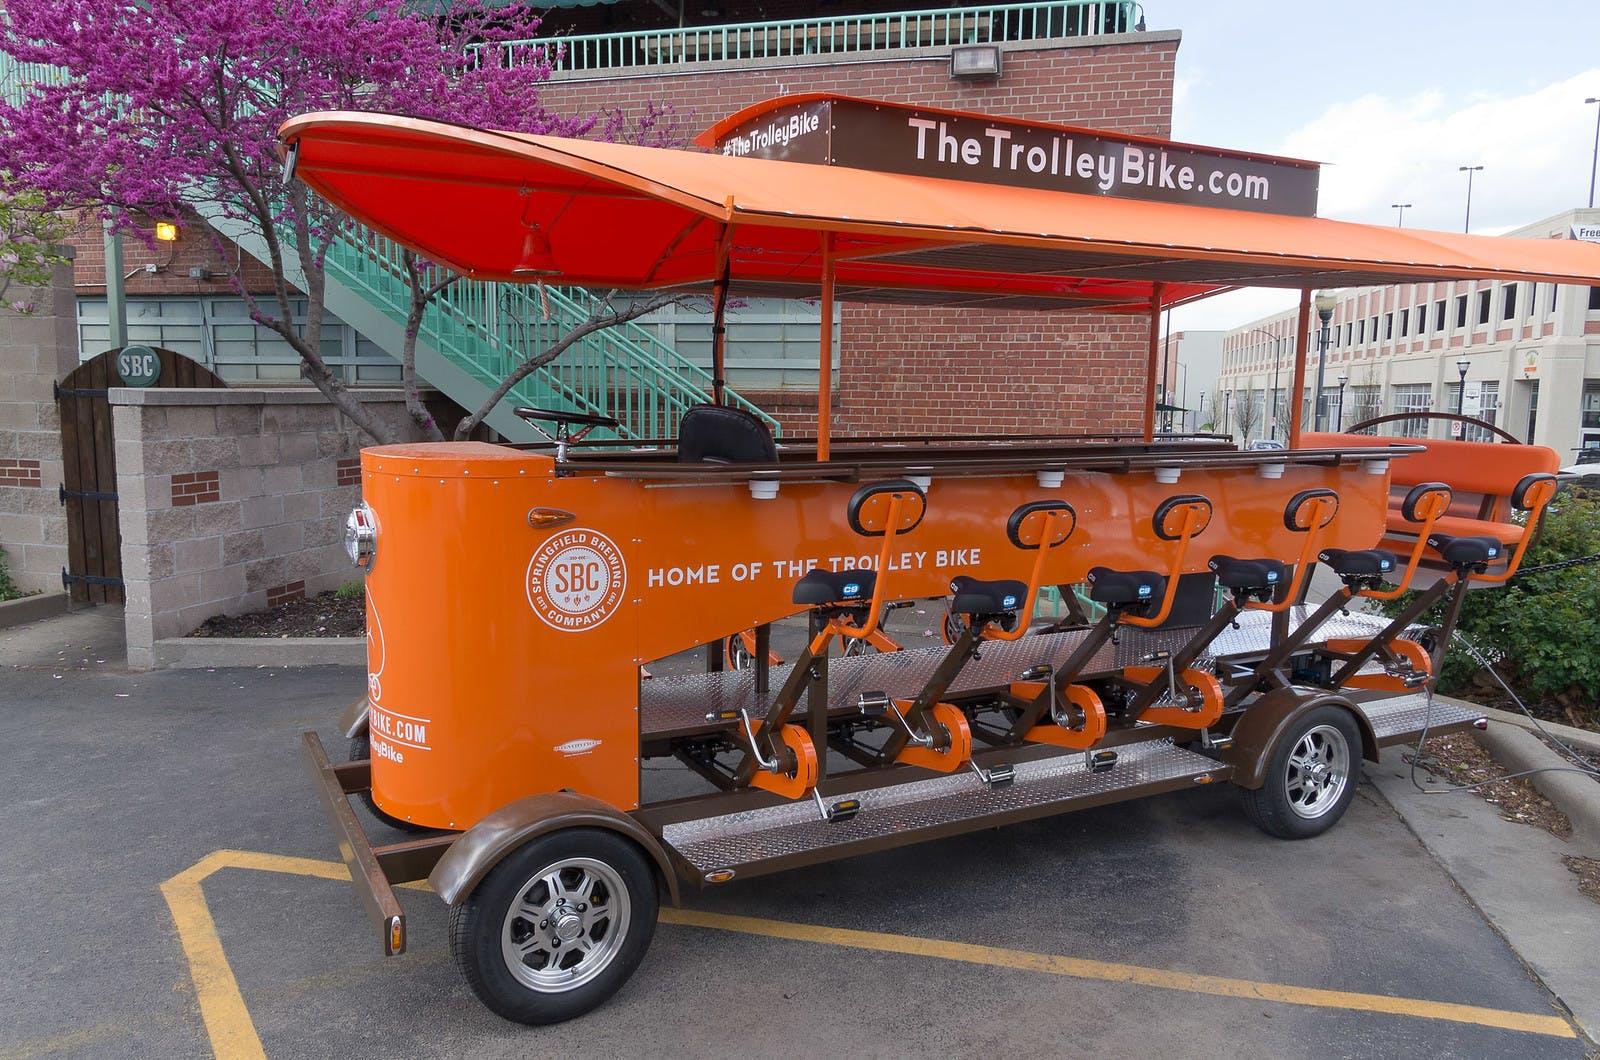 The Trolley Bike